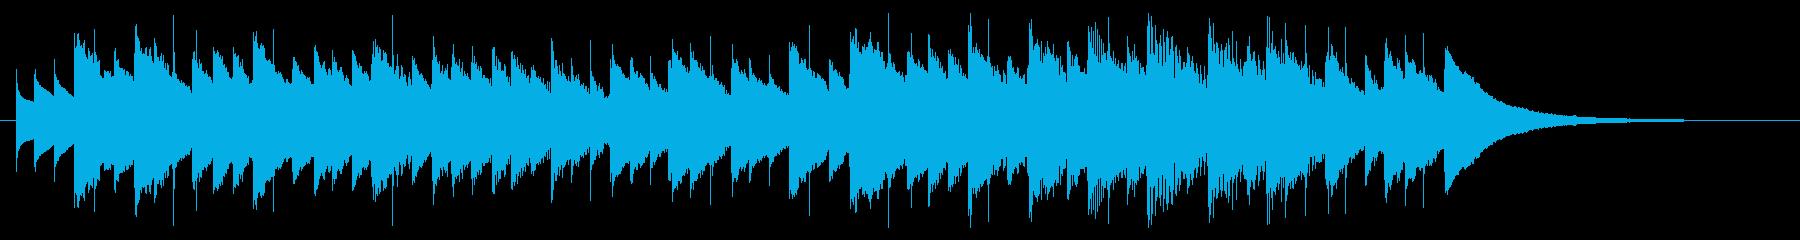 バッハ「主よ人の望みの喜びよ」オルゴールの再生済みの波形